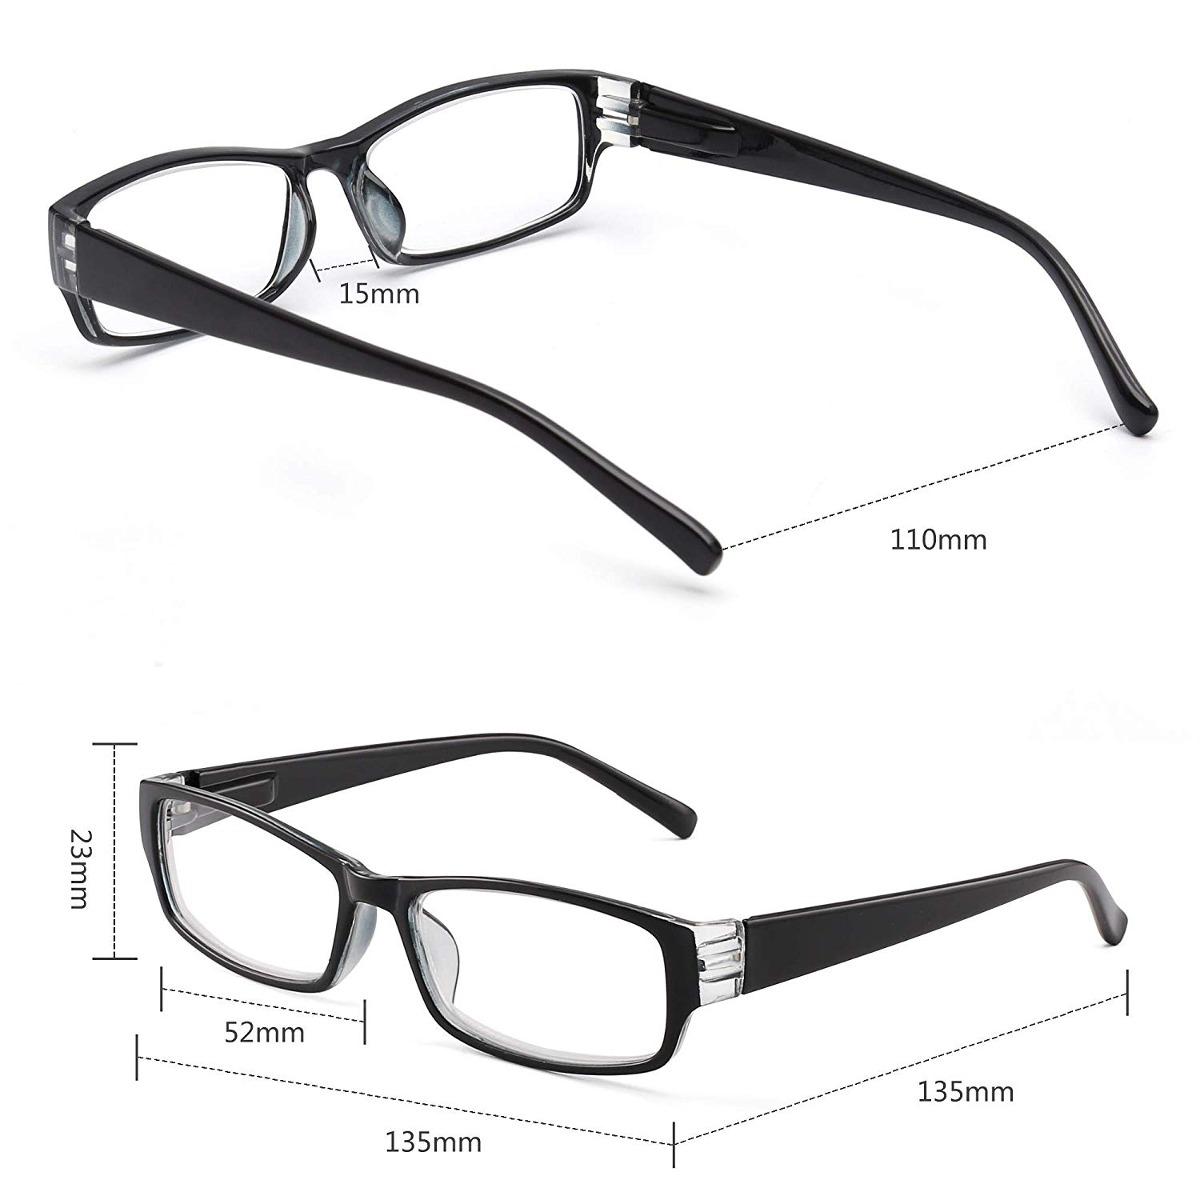 e430610228 jm 4 paquete de señoras gafas de lectura resorte de la bisag. Cargando zoom.